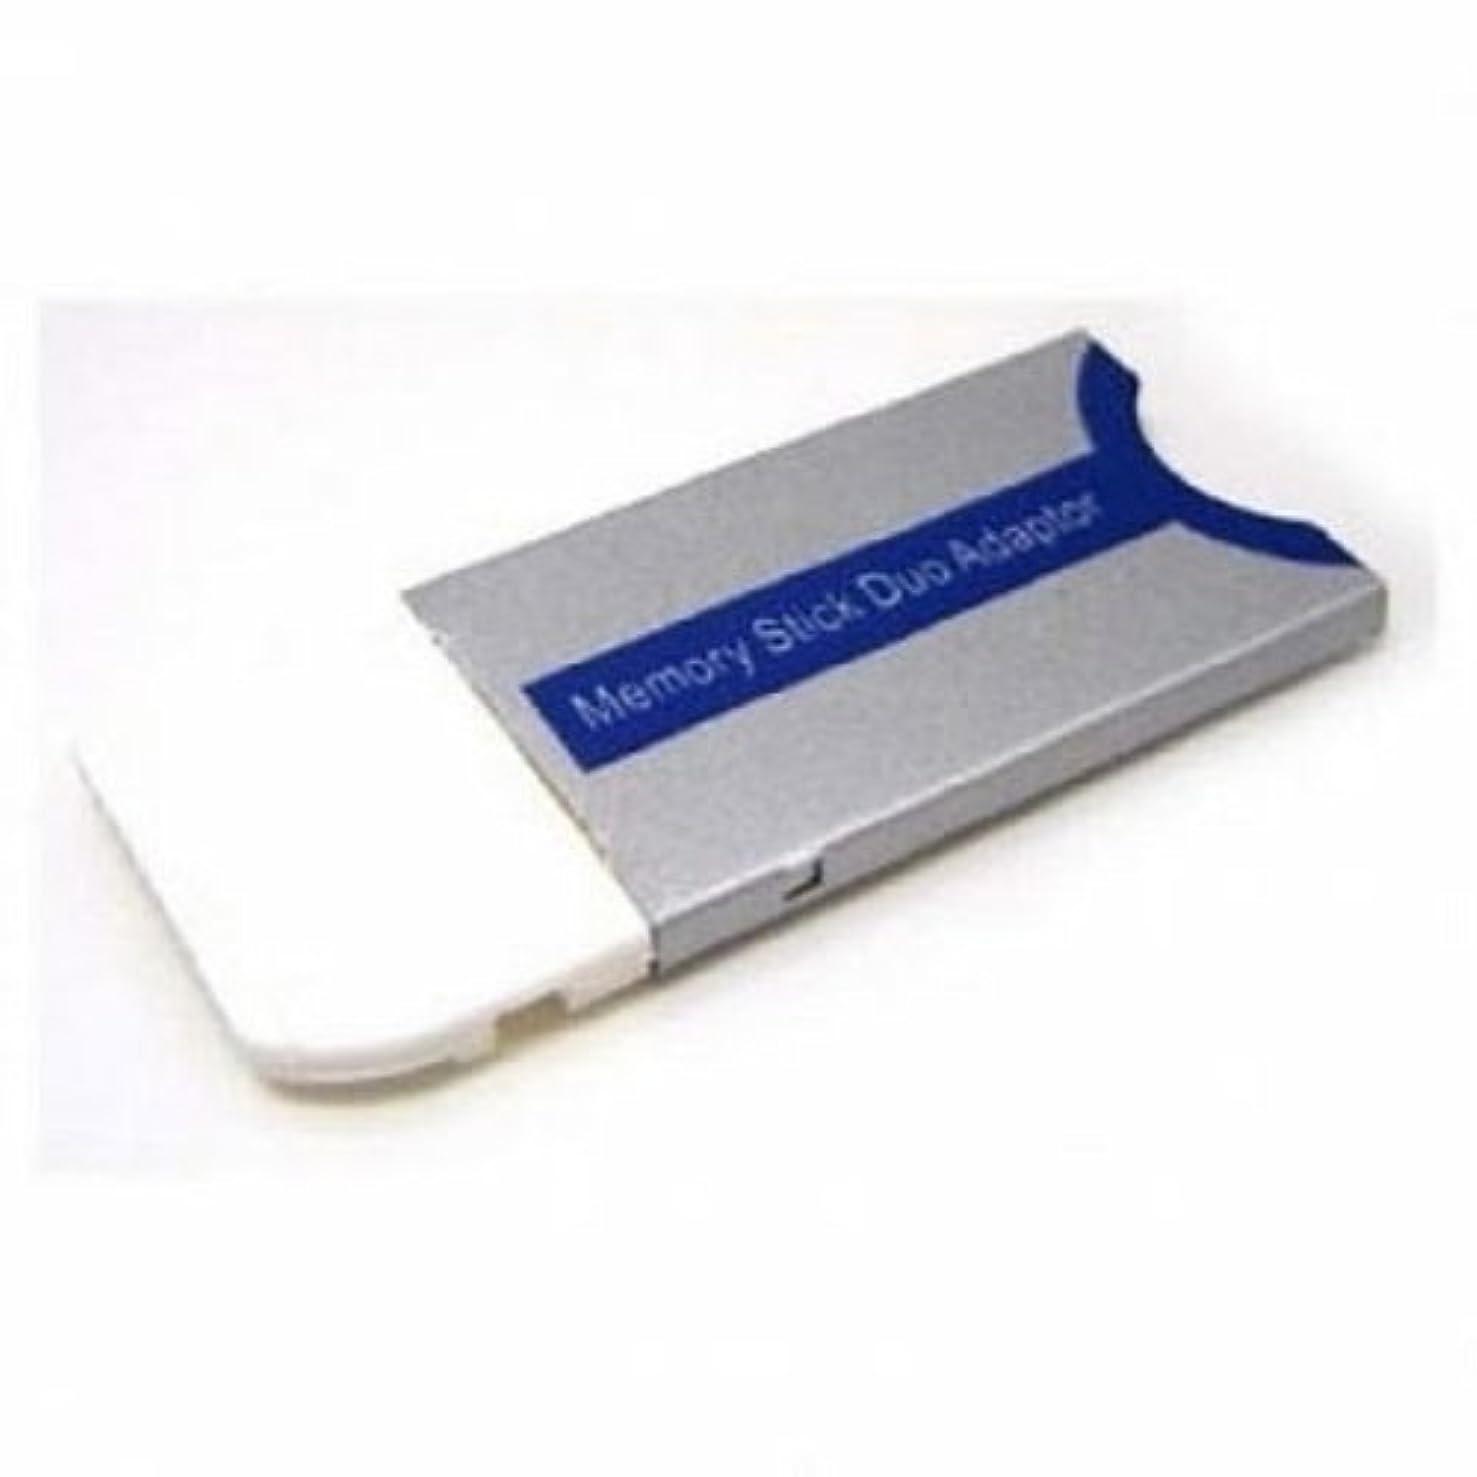 KOMPUTERBAY Memory Stick Pro Duo to Pro adapter